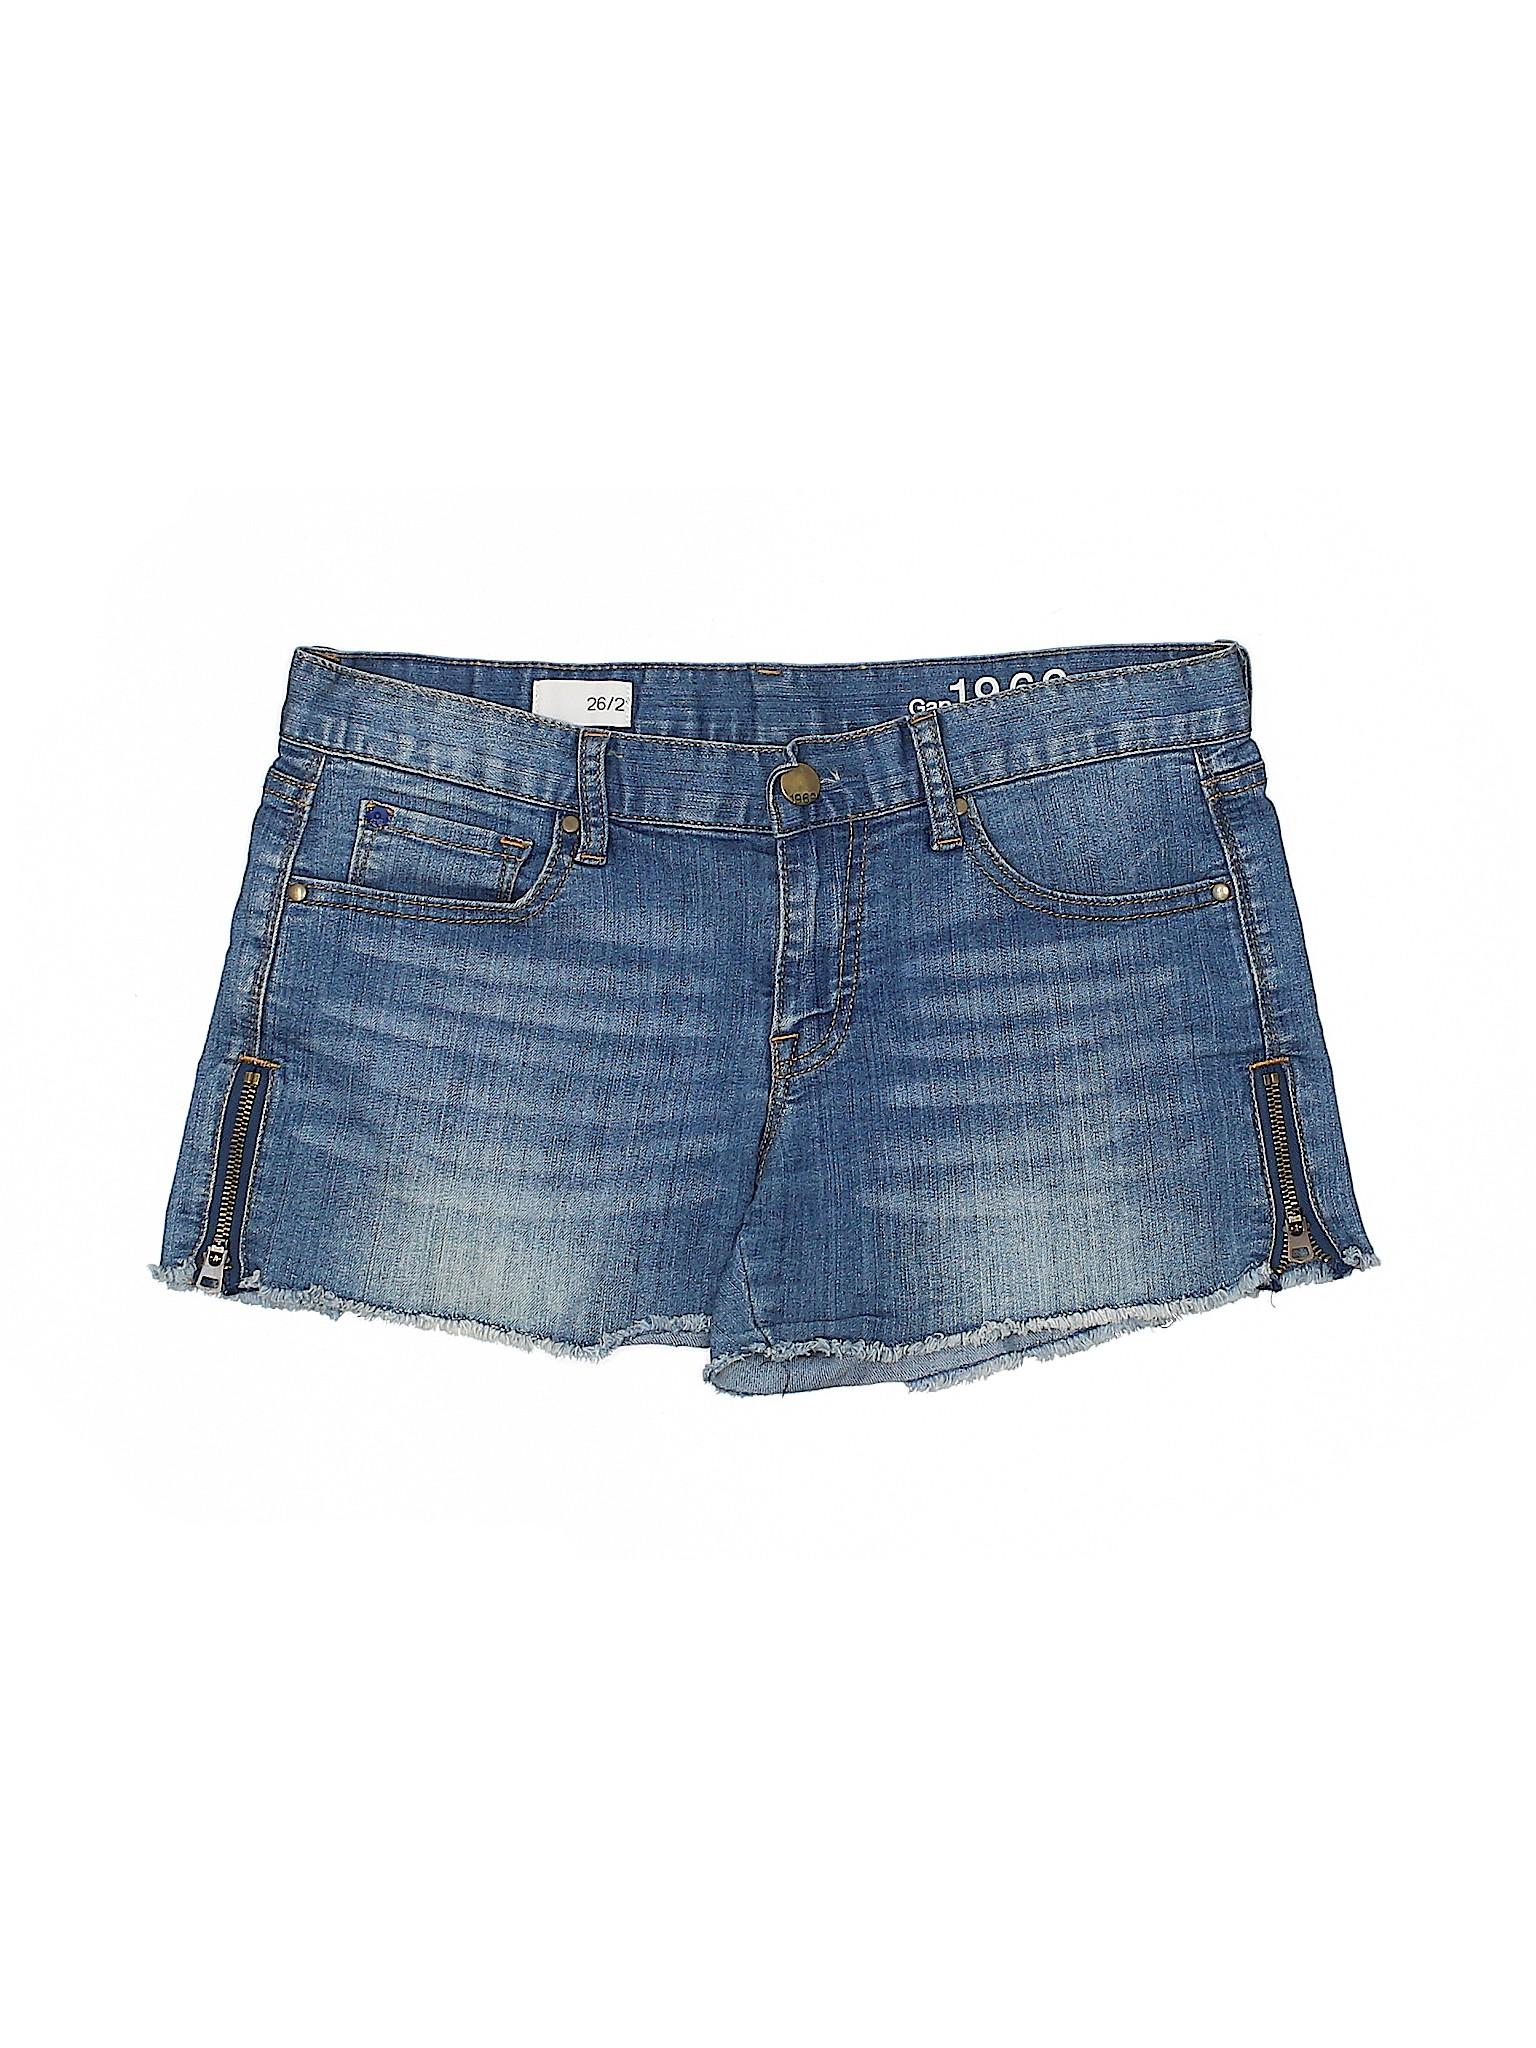 Boutique Gap Shorts Denim Gap Shorts Denim Boutique Boutique 6pqwq5x